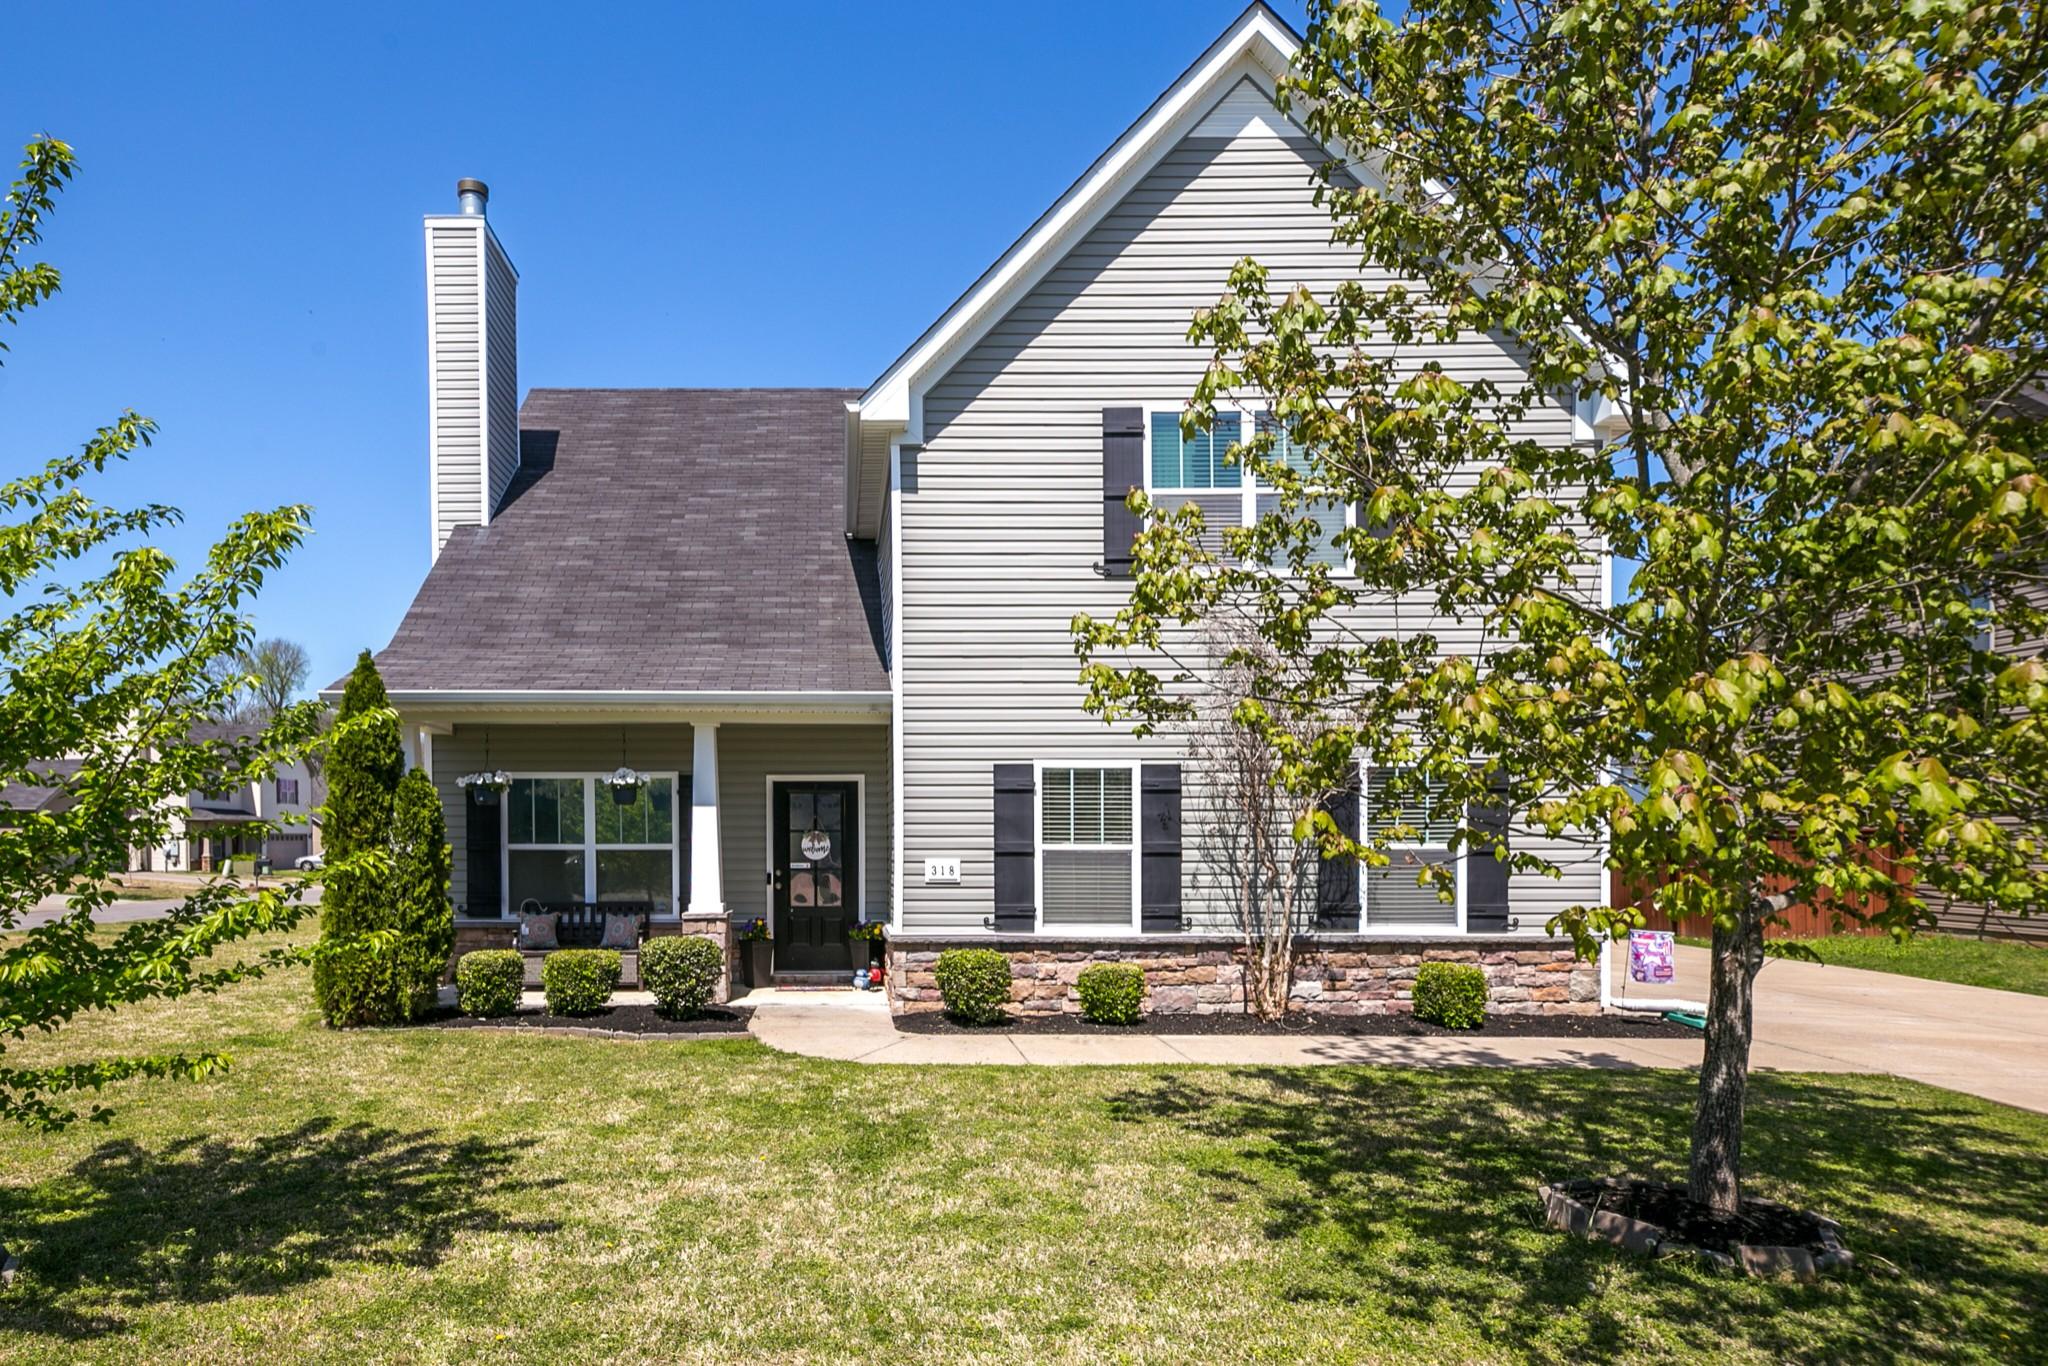 Belmont Sec 2 Ph 4 Real Estate Listings Main Image